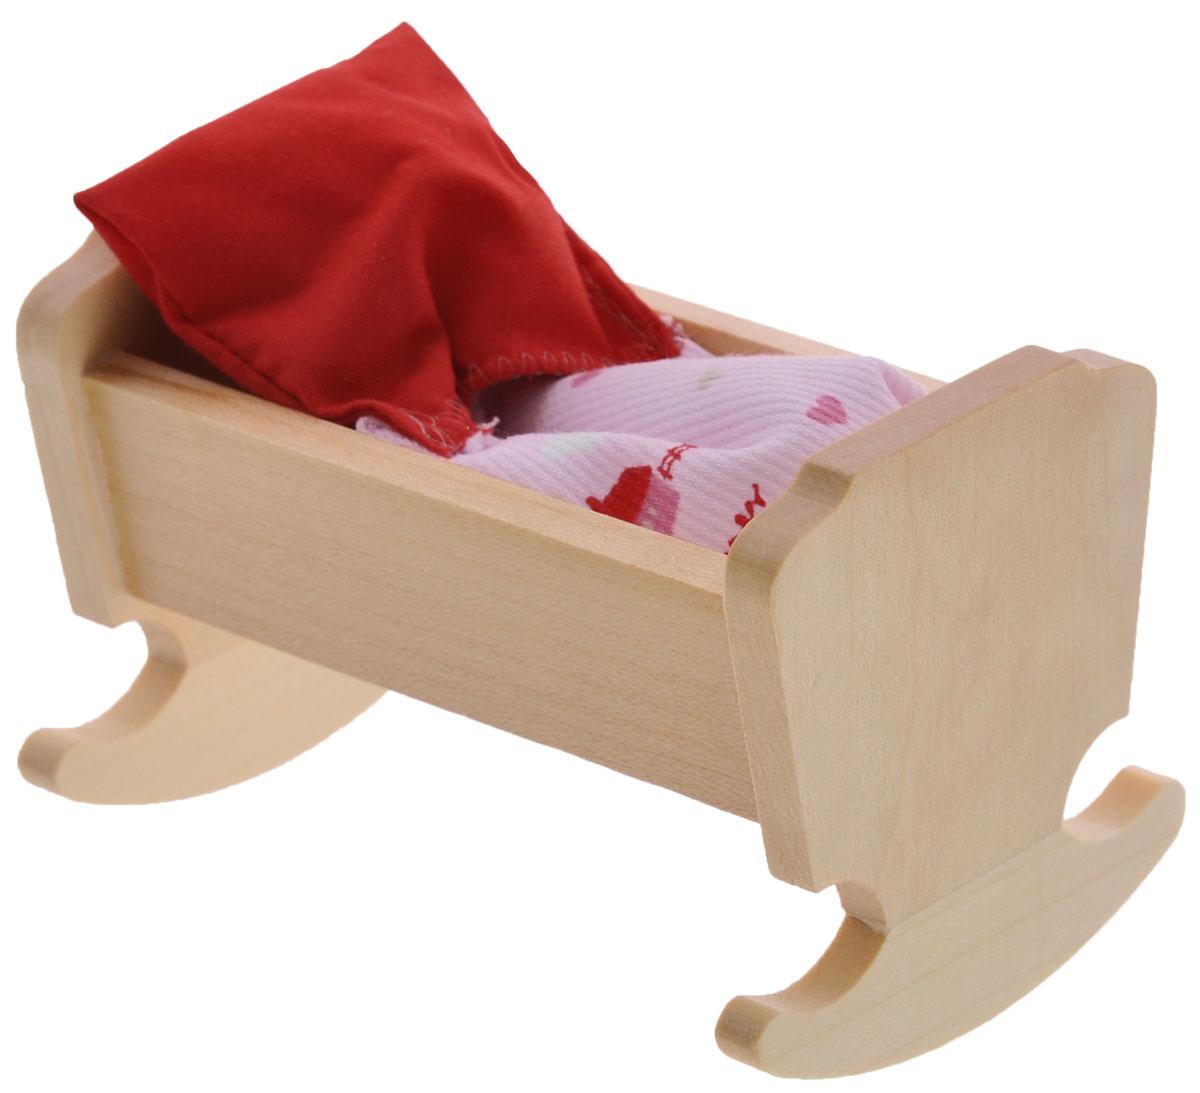 Minimir Колыбель с аксессуарами цвет бежевый13-4646-00Колыбель для пупса создана, чтобы кукла вашей малышки сладко спала и видела сказочные сны. Колыбель выполнена из натурального бука и клена и снабжена закругленными опорами, благодаря чему ее можно использовать как качалку. Набор включает в себя колыбель и мягкое одеяльце. Подходит для пупса высотой 7,5 см. Теперь ваша малышка сможет убаюкивать своих кукол в удобной колыбели-качалке. Порадуйте ее таким замечательным подарком! Мебель и аксессуары для игровых кукол Минимир выпускают на фабрике в Германии. В производстве кукольной мебели используются качественные породы бука и клена. При создании кукол и аксессуаров от компании Минимир используются исключительно качественные материалы: натуральное дерево и текстиль. Игра с миниатюрными куклами и аксессуарами тренирует мелкую моторику пальцев рук, стимулирует развитие речи и логического мышления. Маленький размер игрушек позволяет играть в абсолютно любом месте, их удобно брать с собой на занятия или...